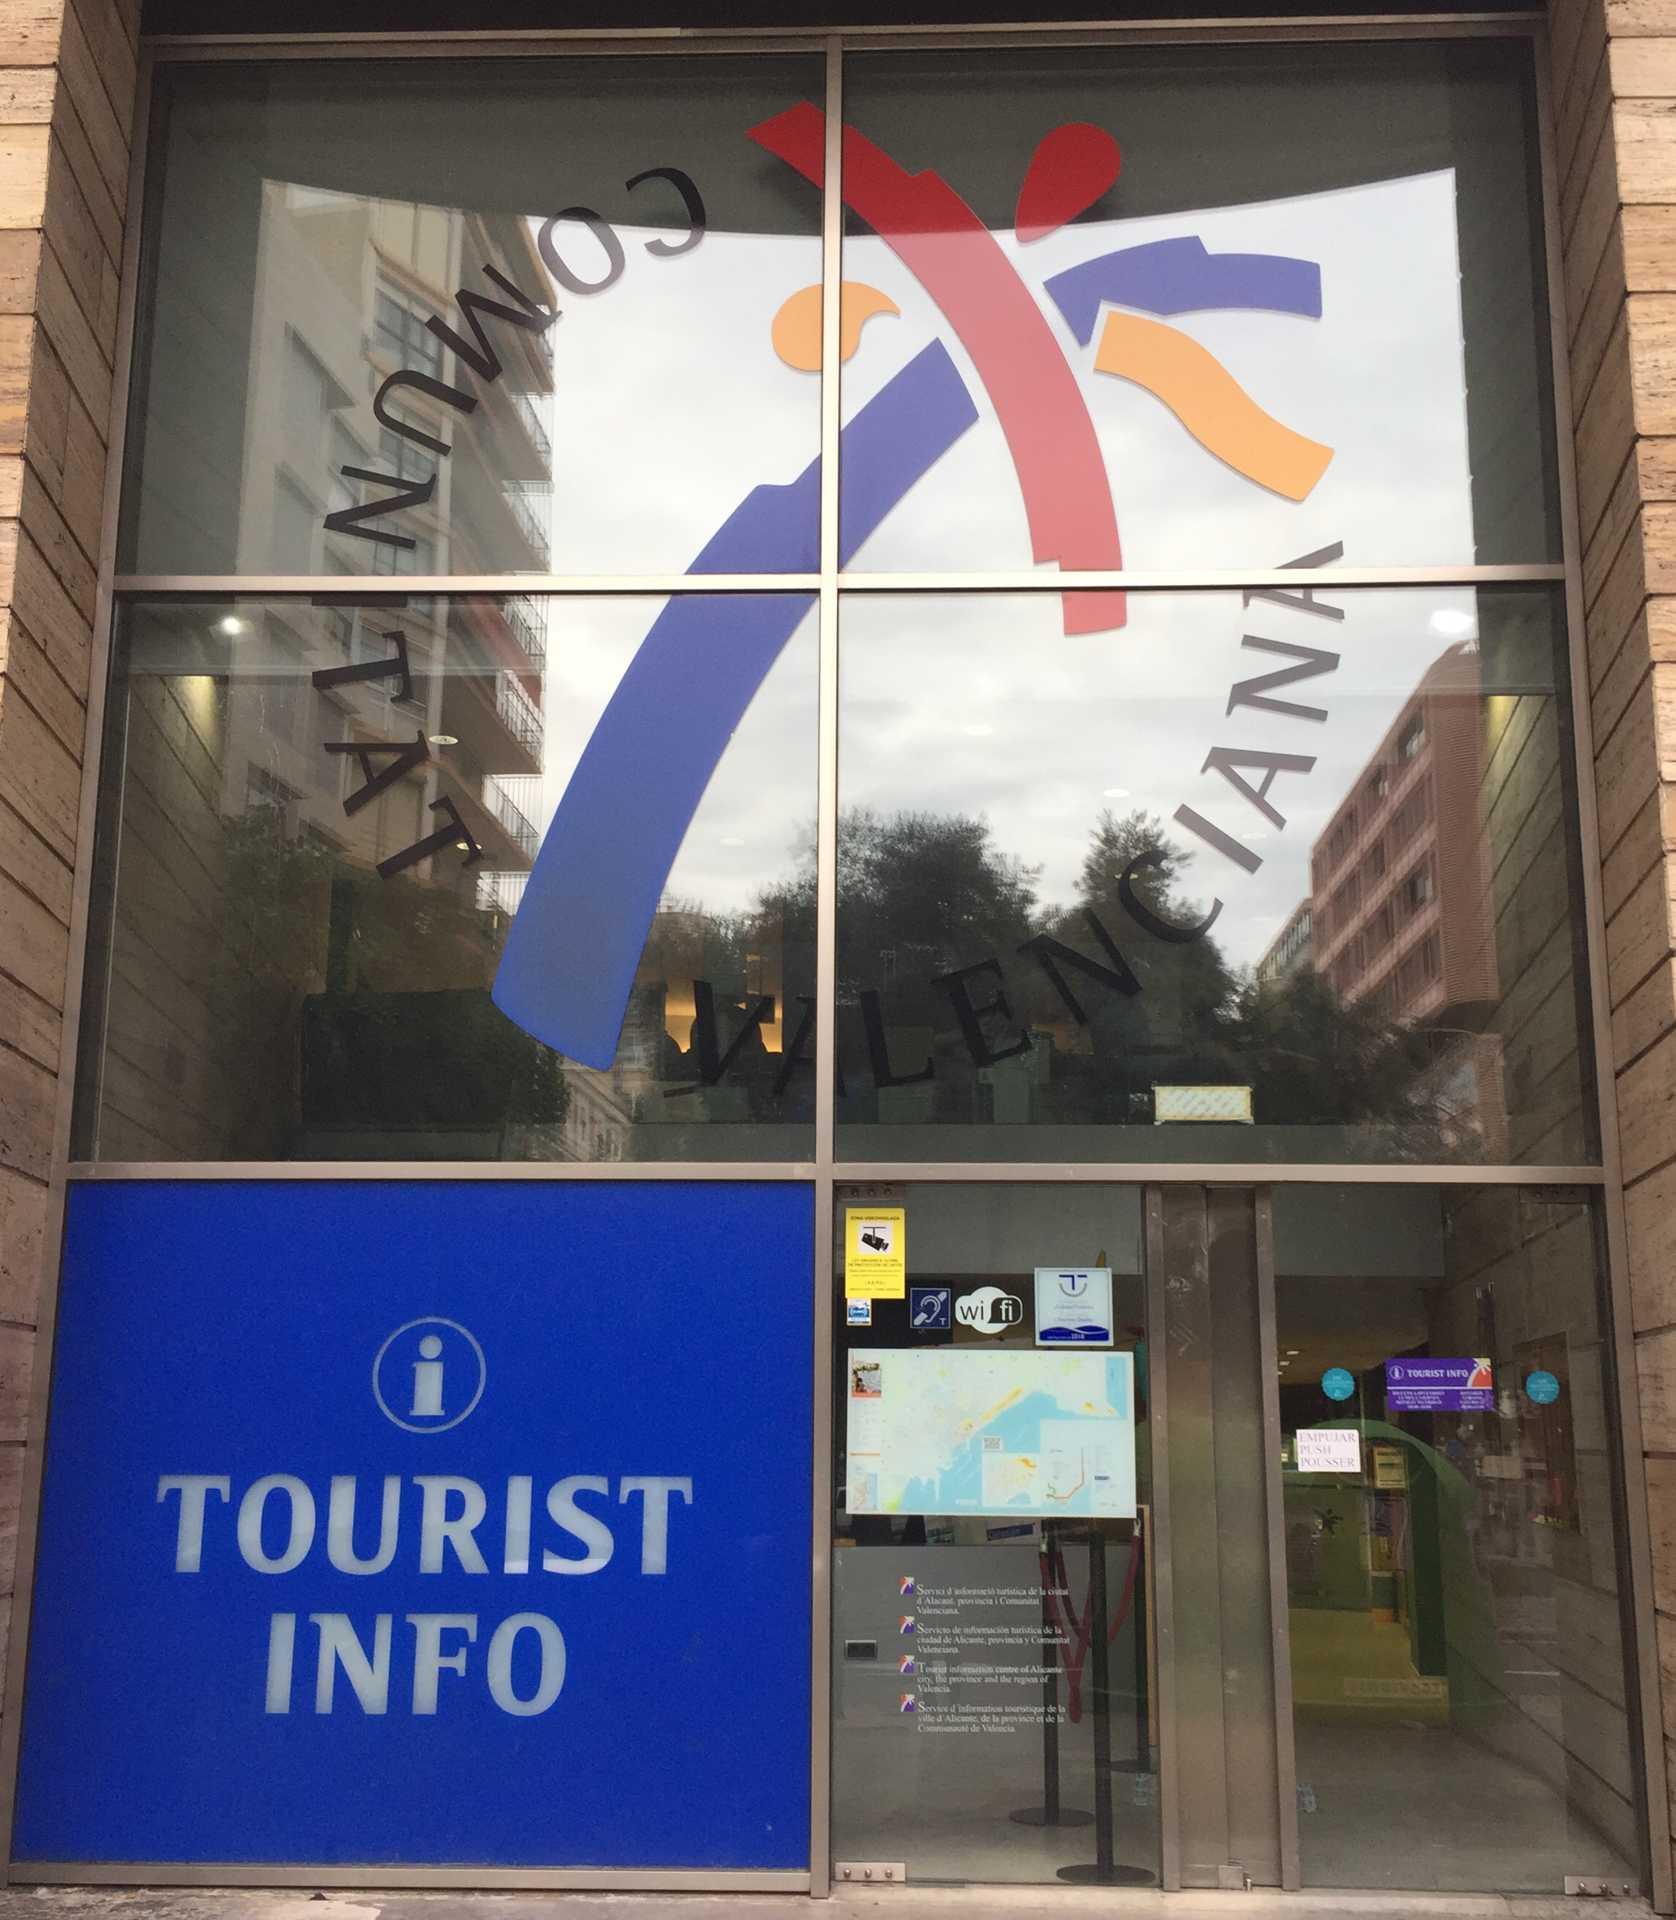 TOURIST INFO ALICANTE